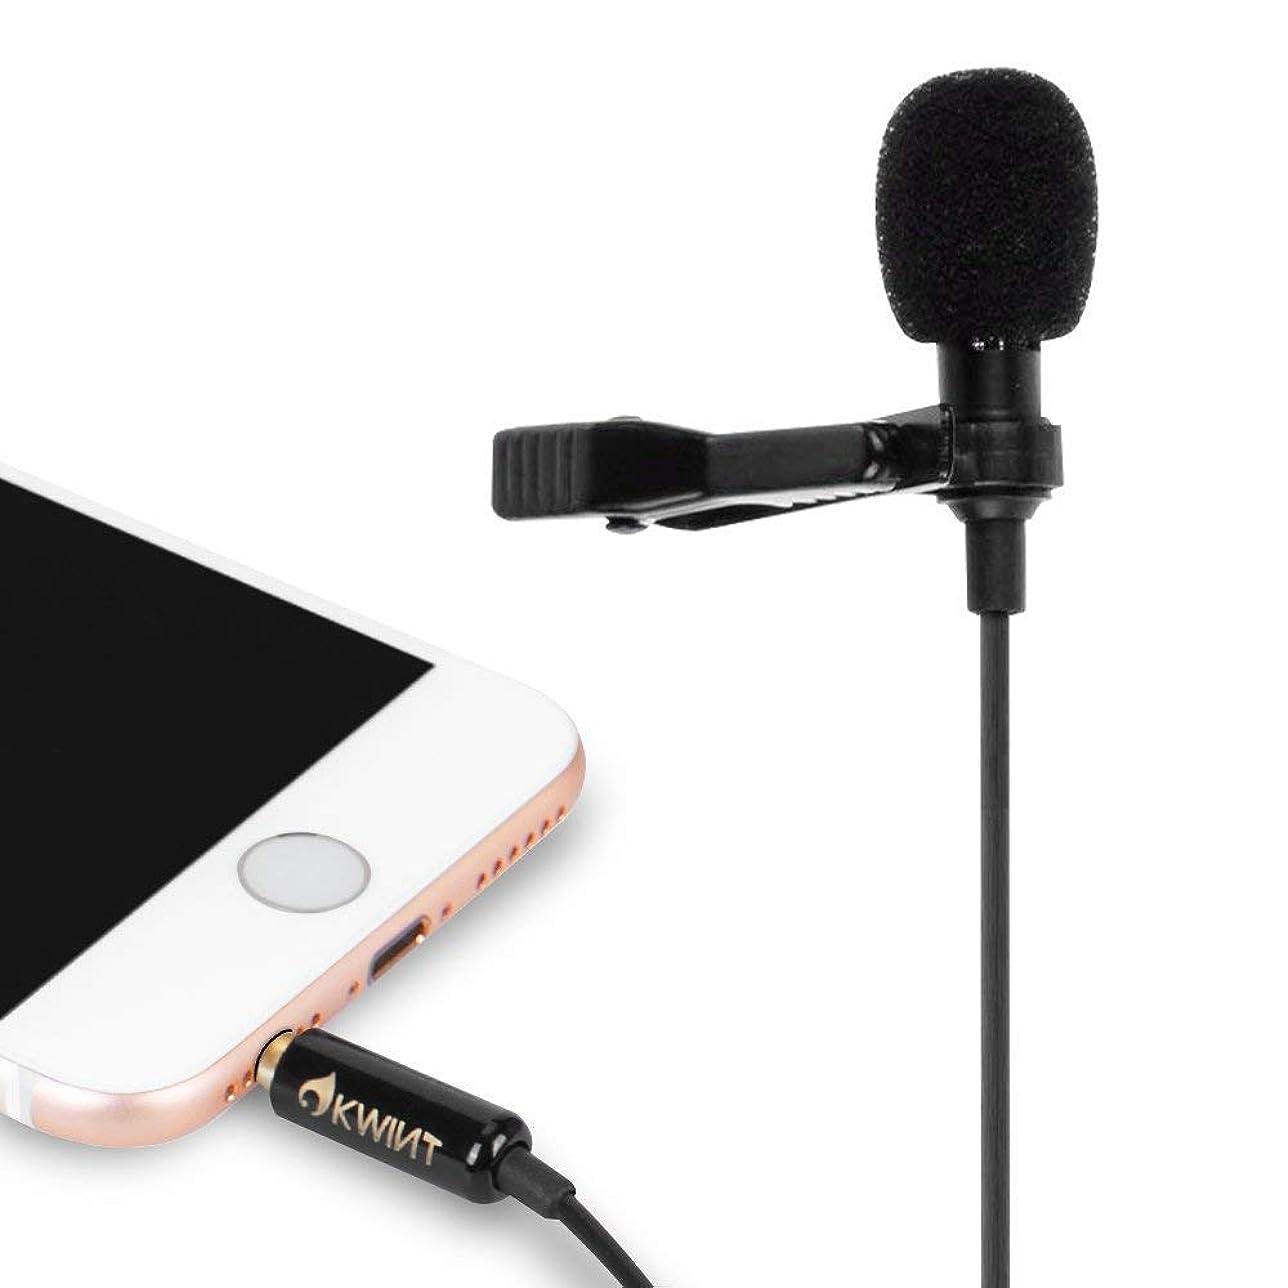 パンチ愛人会計コンデンサーマイク ピンマイク 高音質 ミニマイク クリップ iPhone/iPad/Android/pc/カメラ 対応 収納ポーチ付属(ブラック)